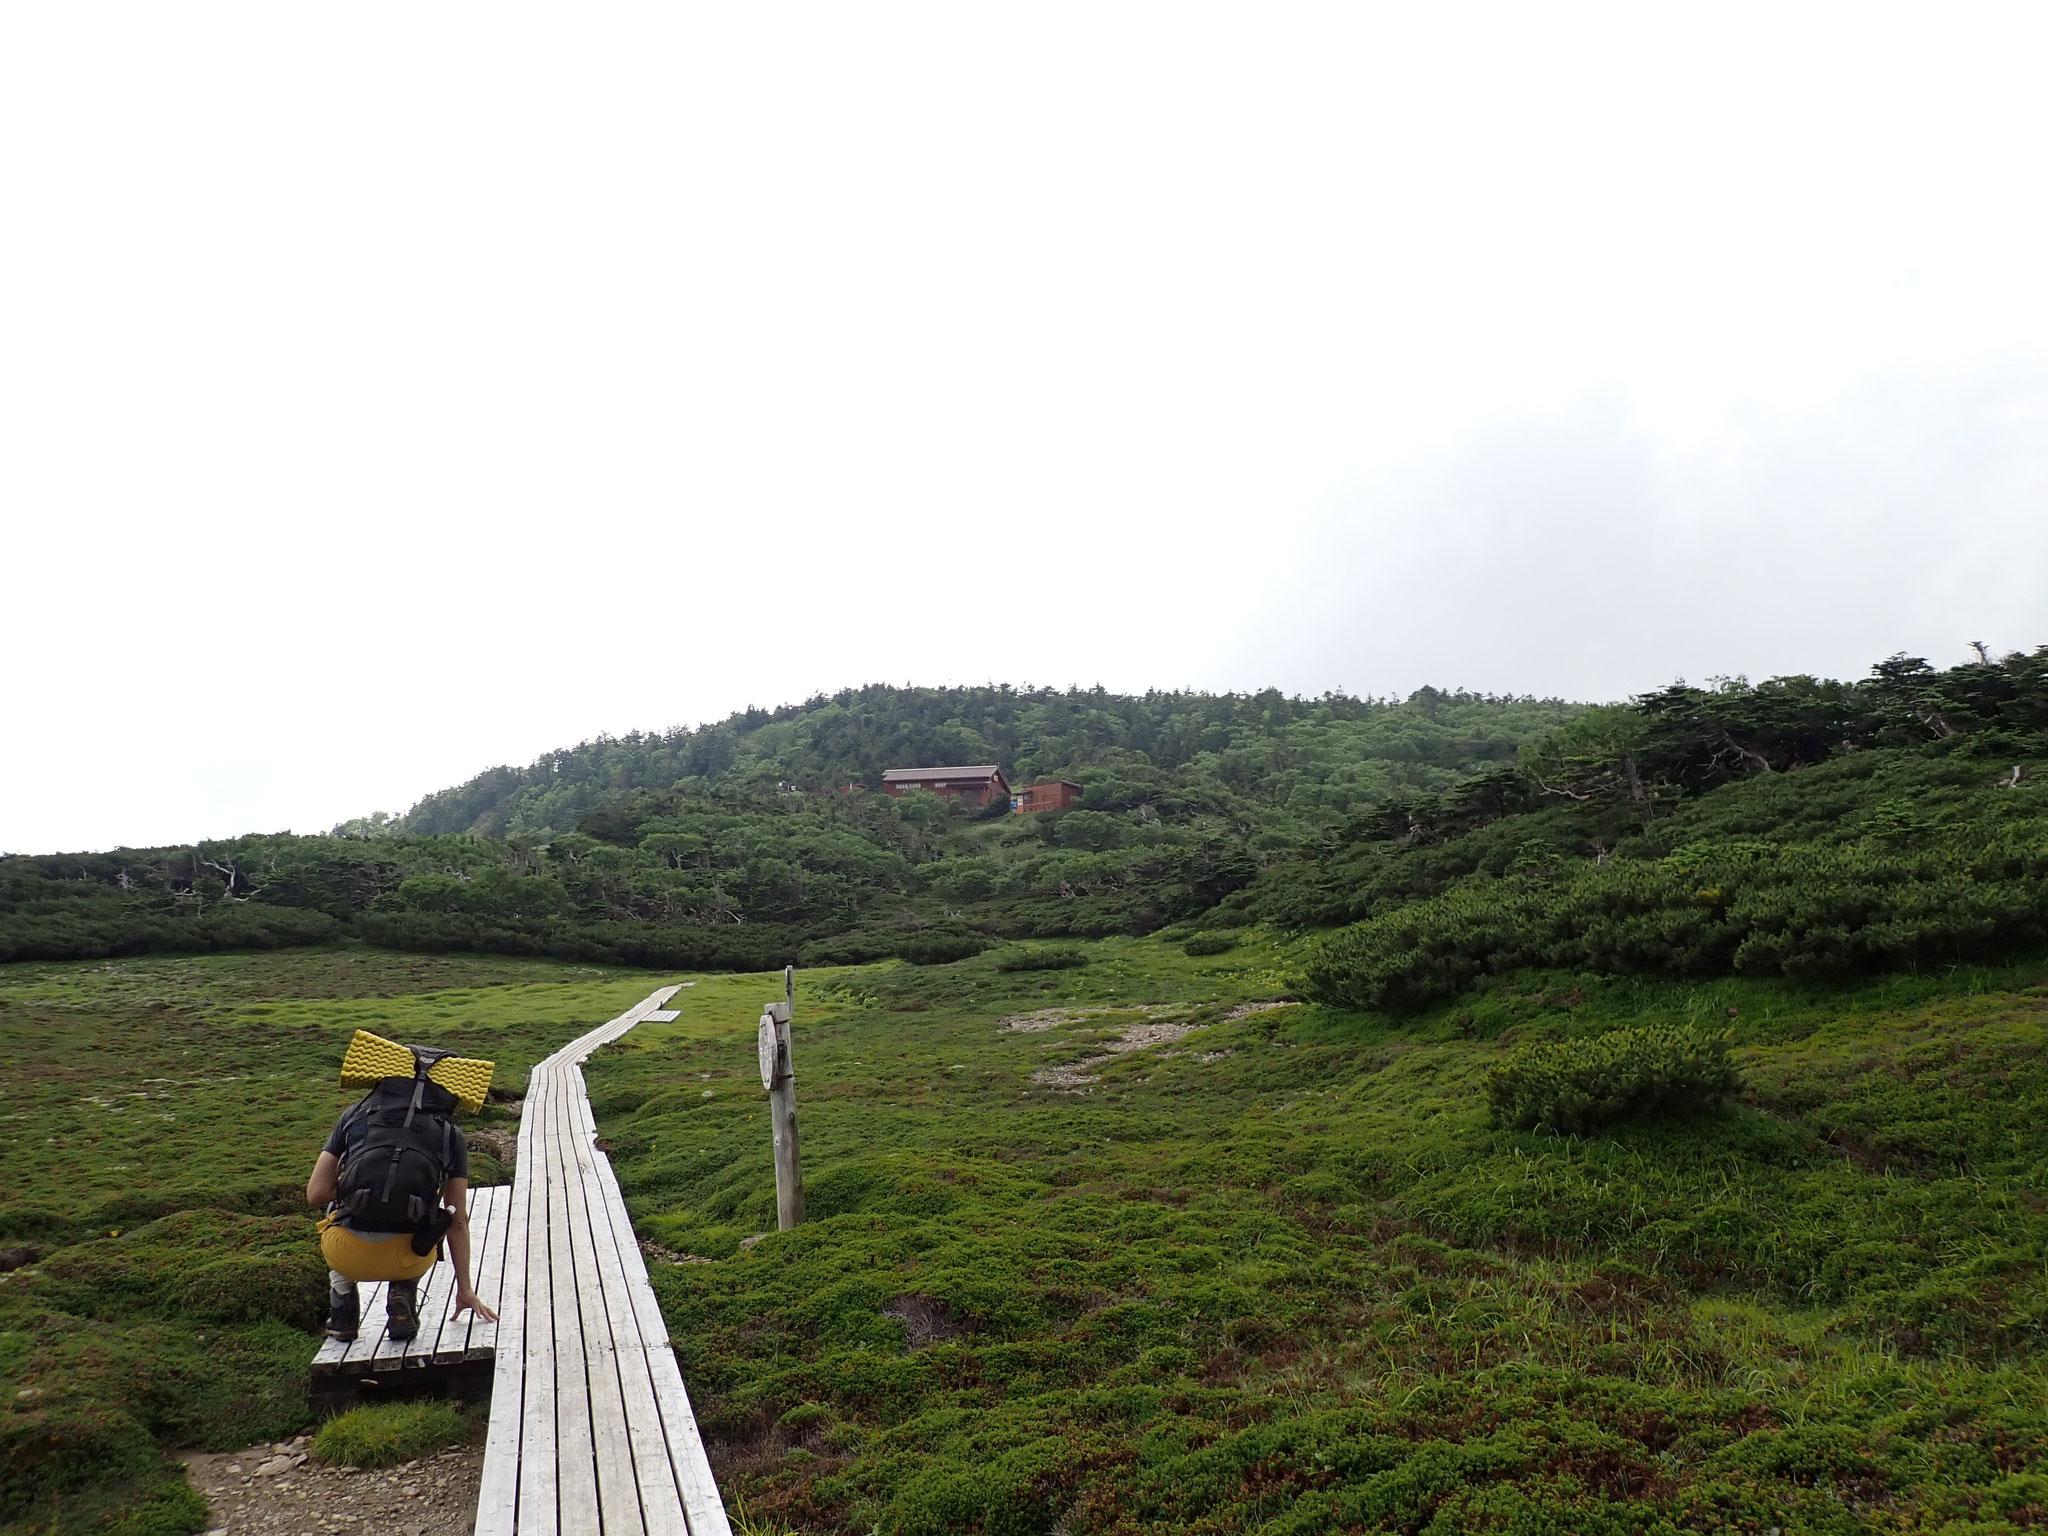 登ること9時間、光小屋が見えた! 感激の瞬間